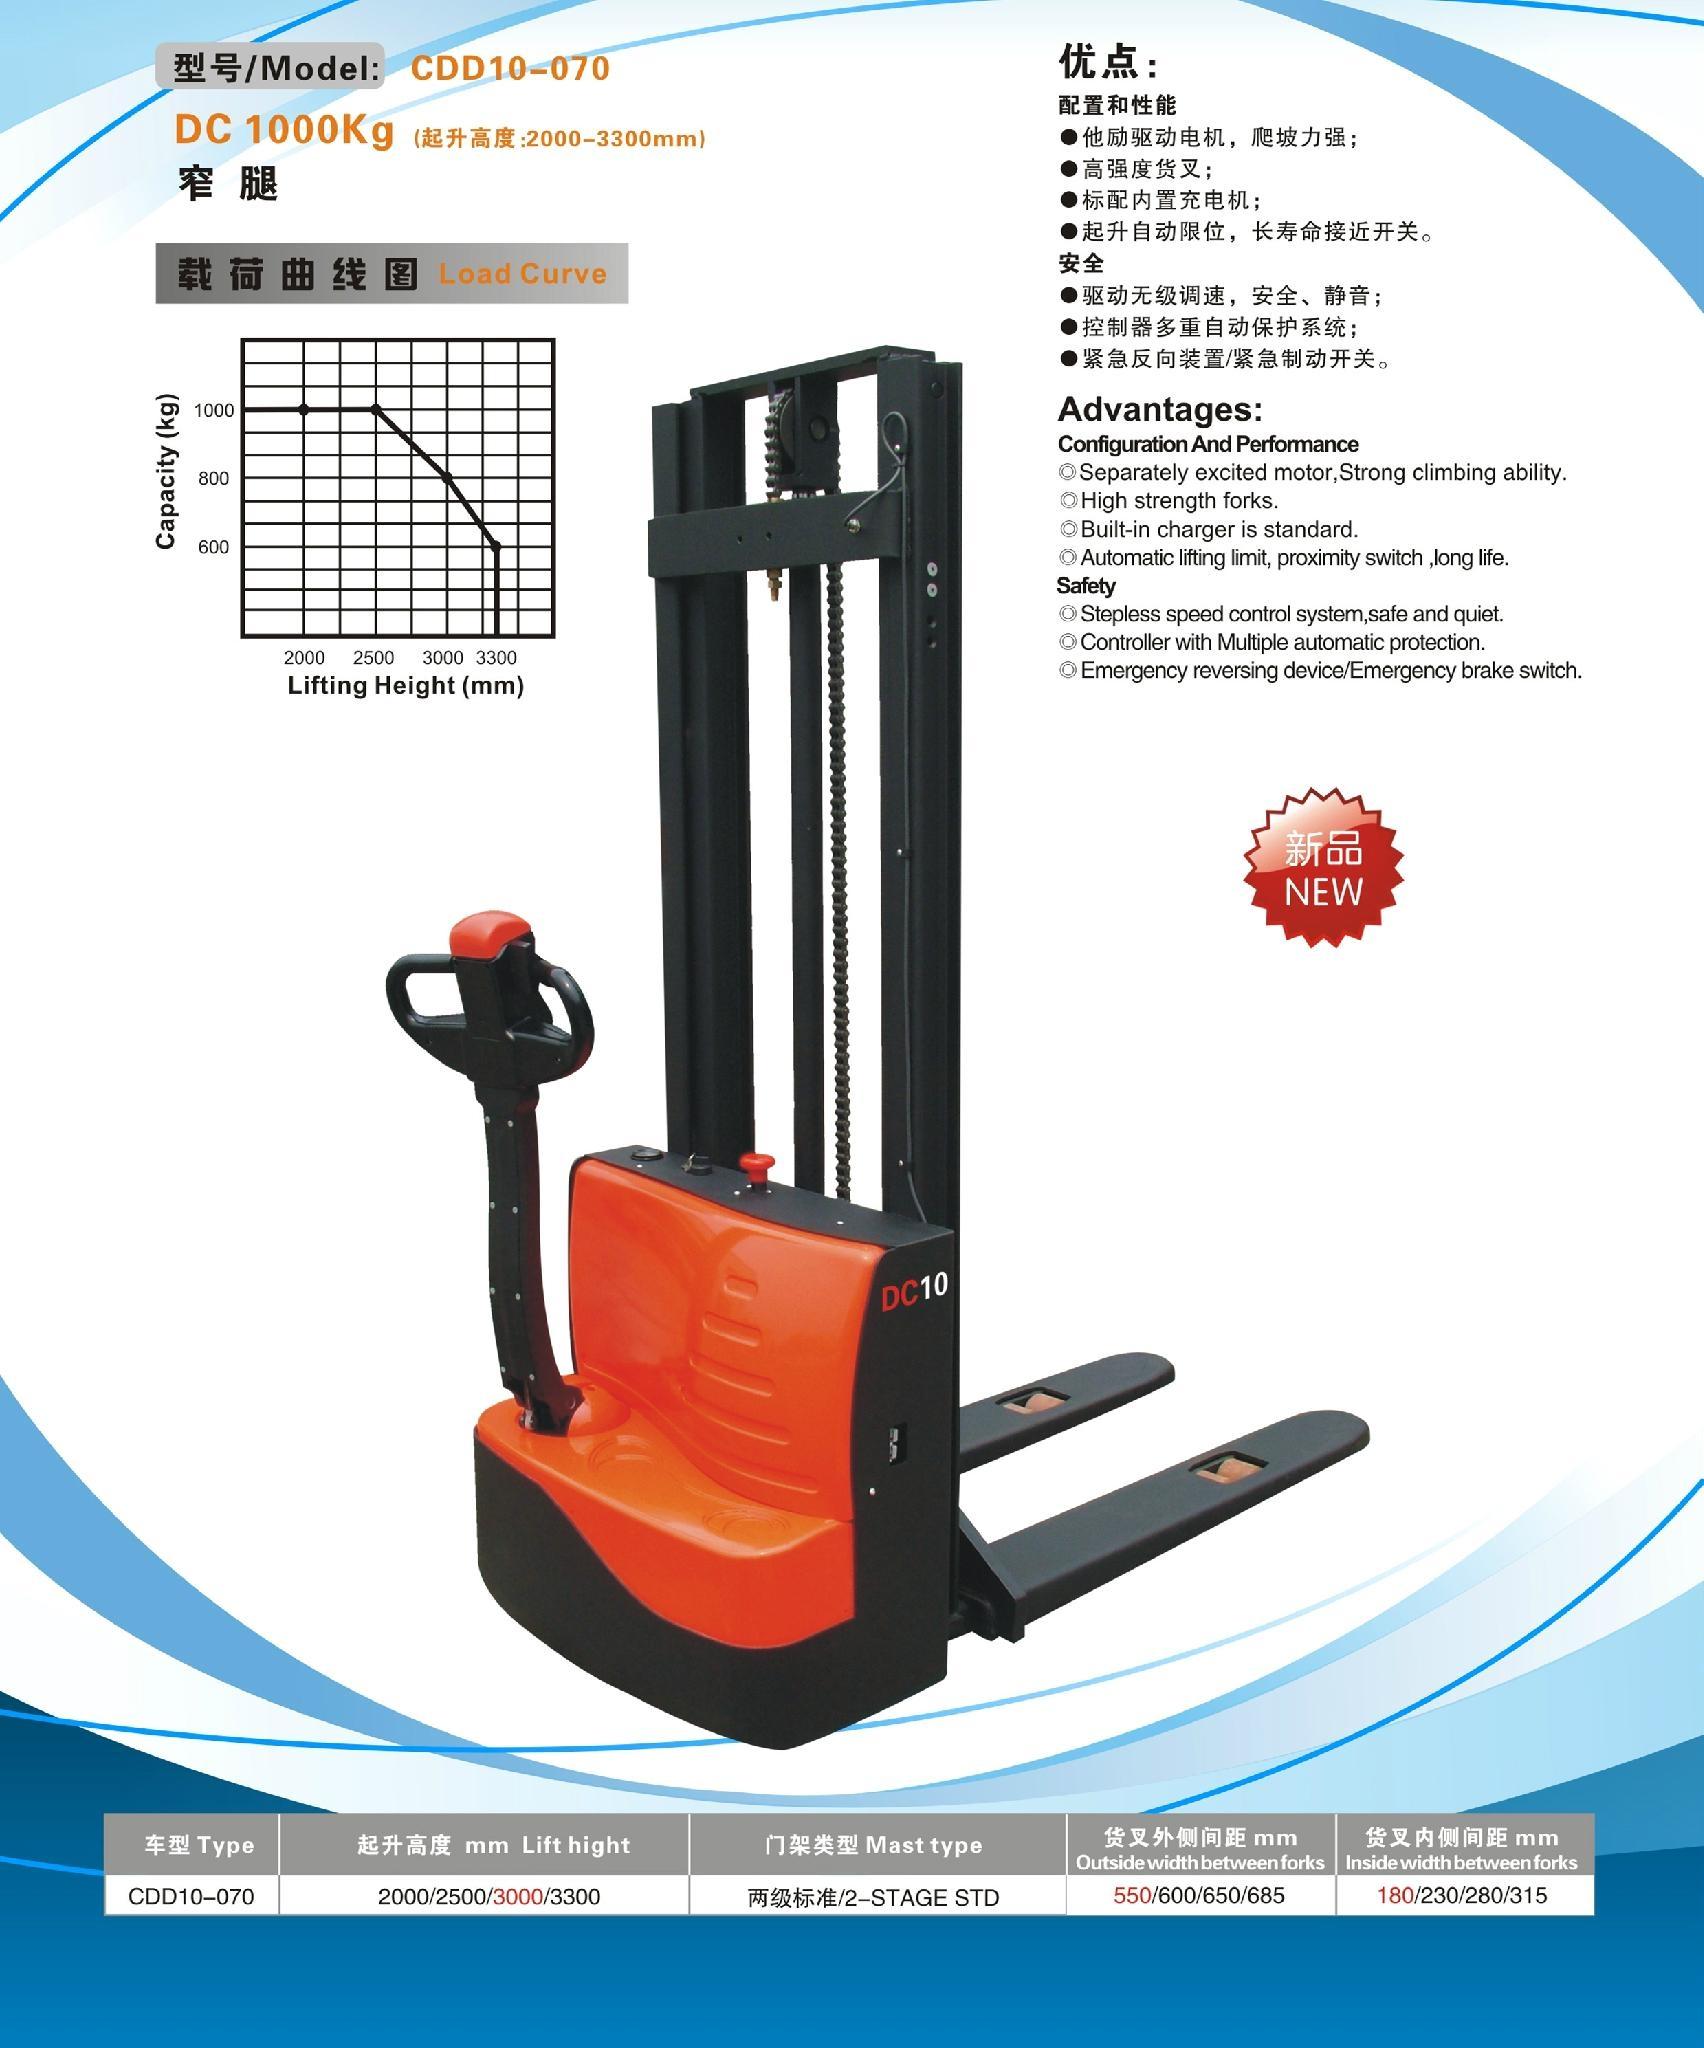 經濟型堆高機CDD10-070 2